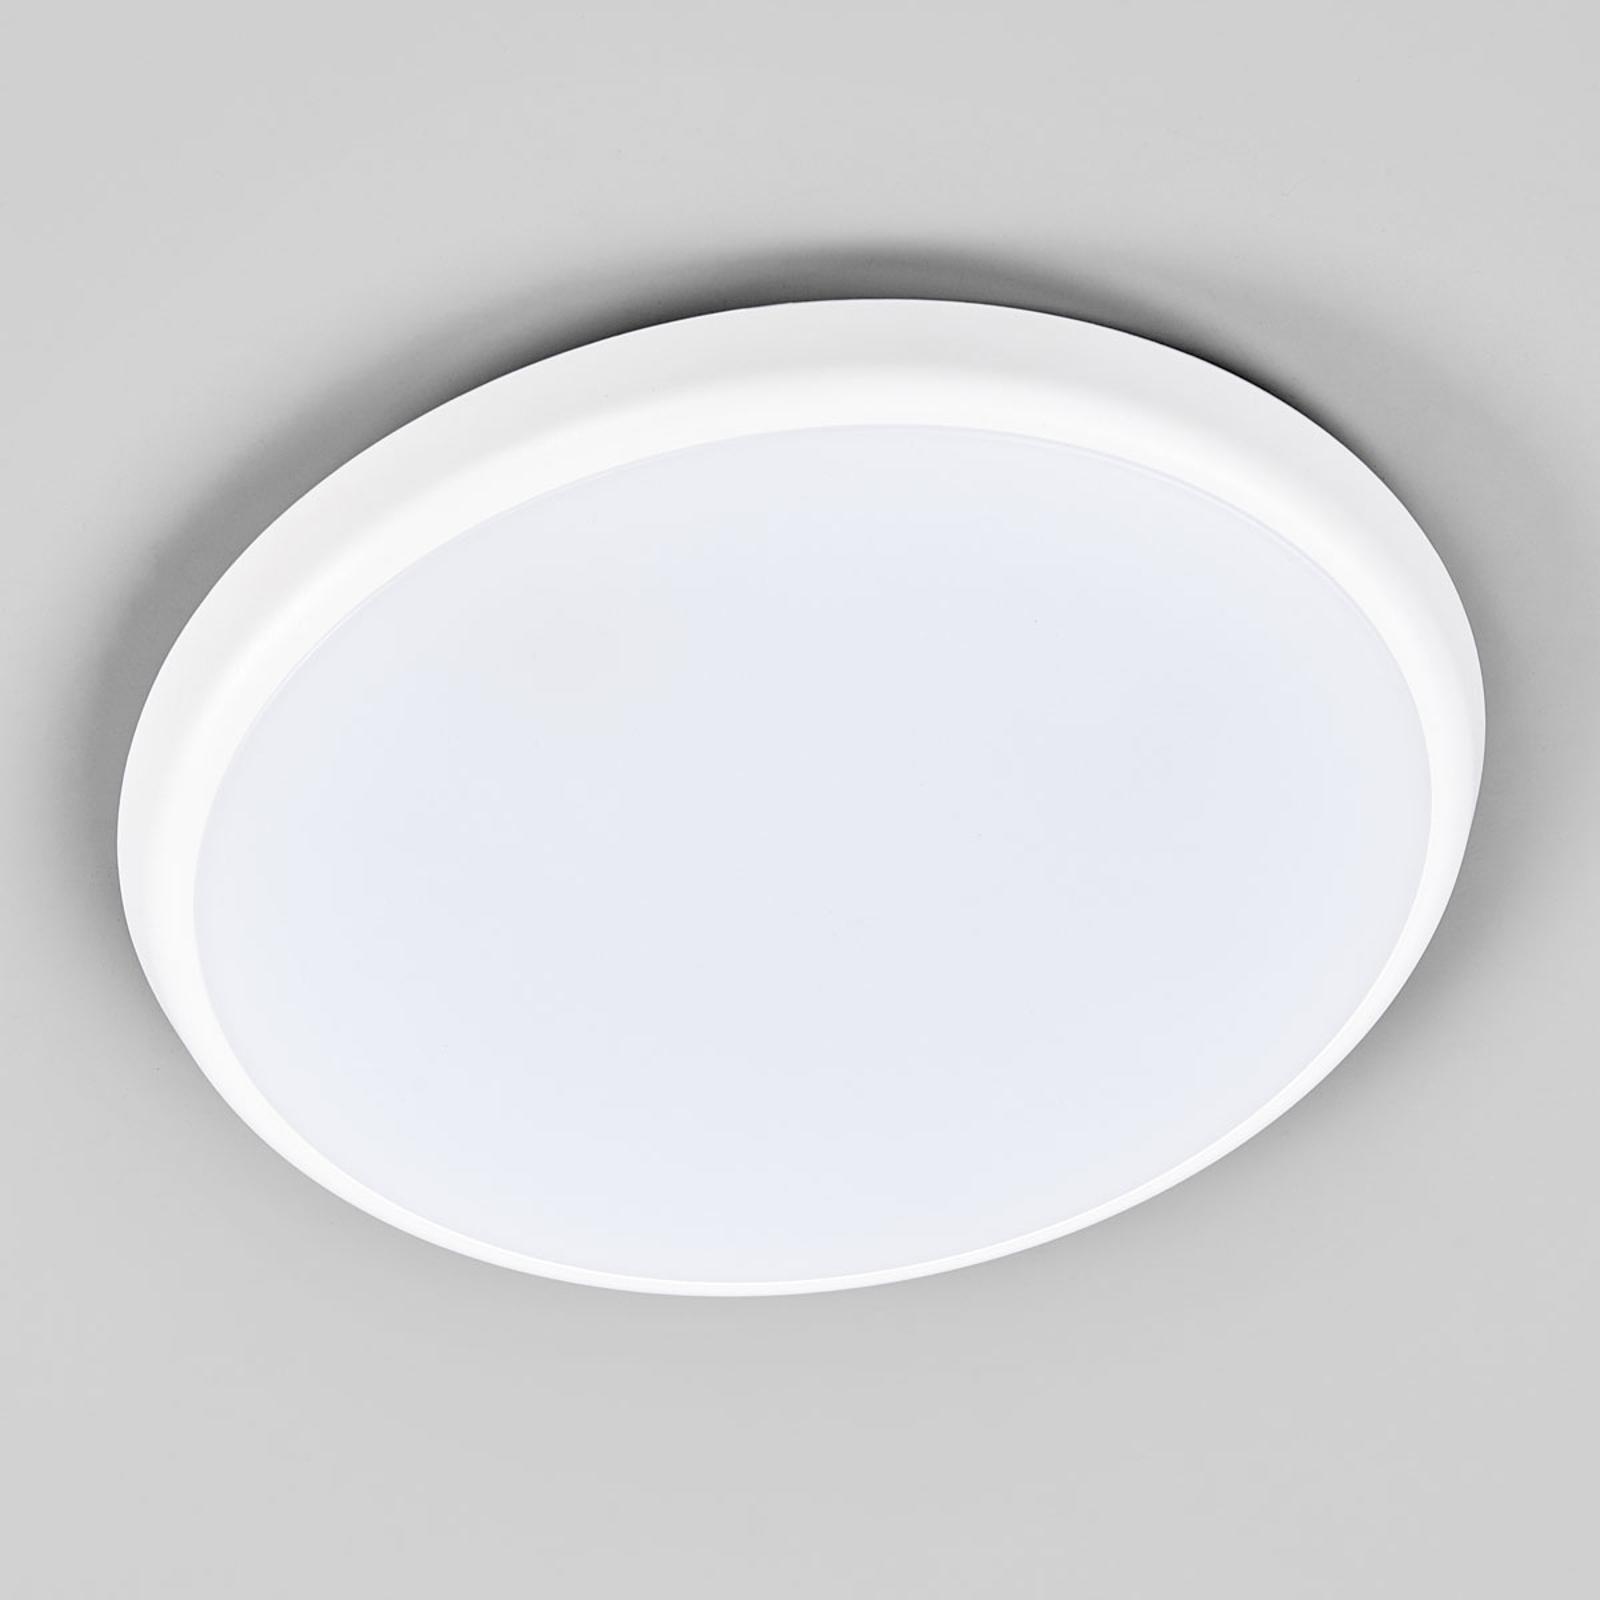 Plafonnier LED discret Augustin, 30 cm